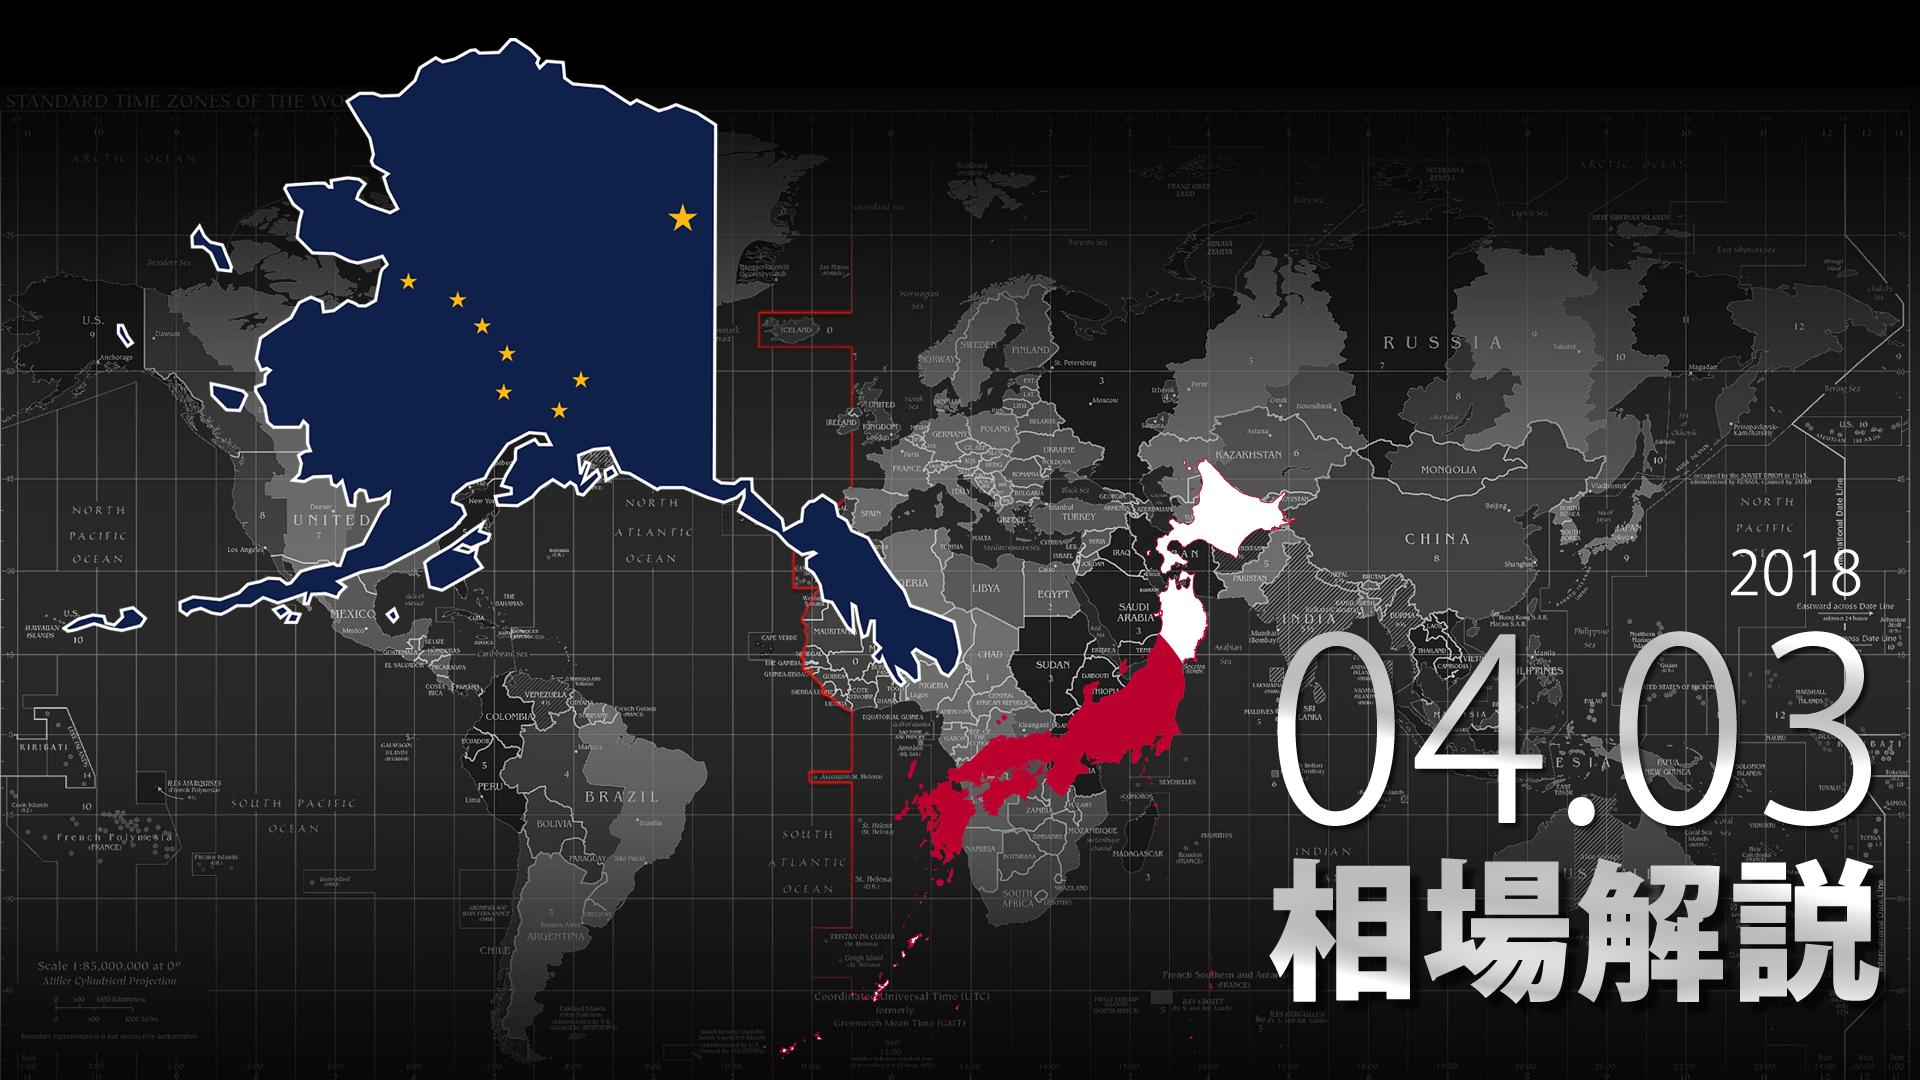 トランプ大統領・黒田日銀総裁の発言を受け、ややリスクオン